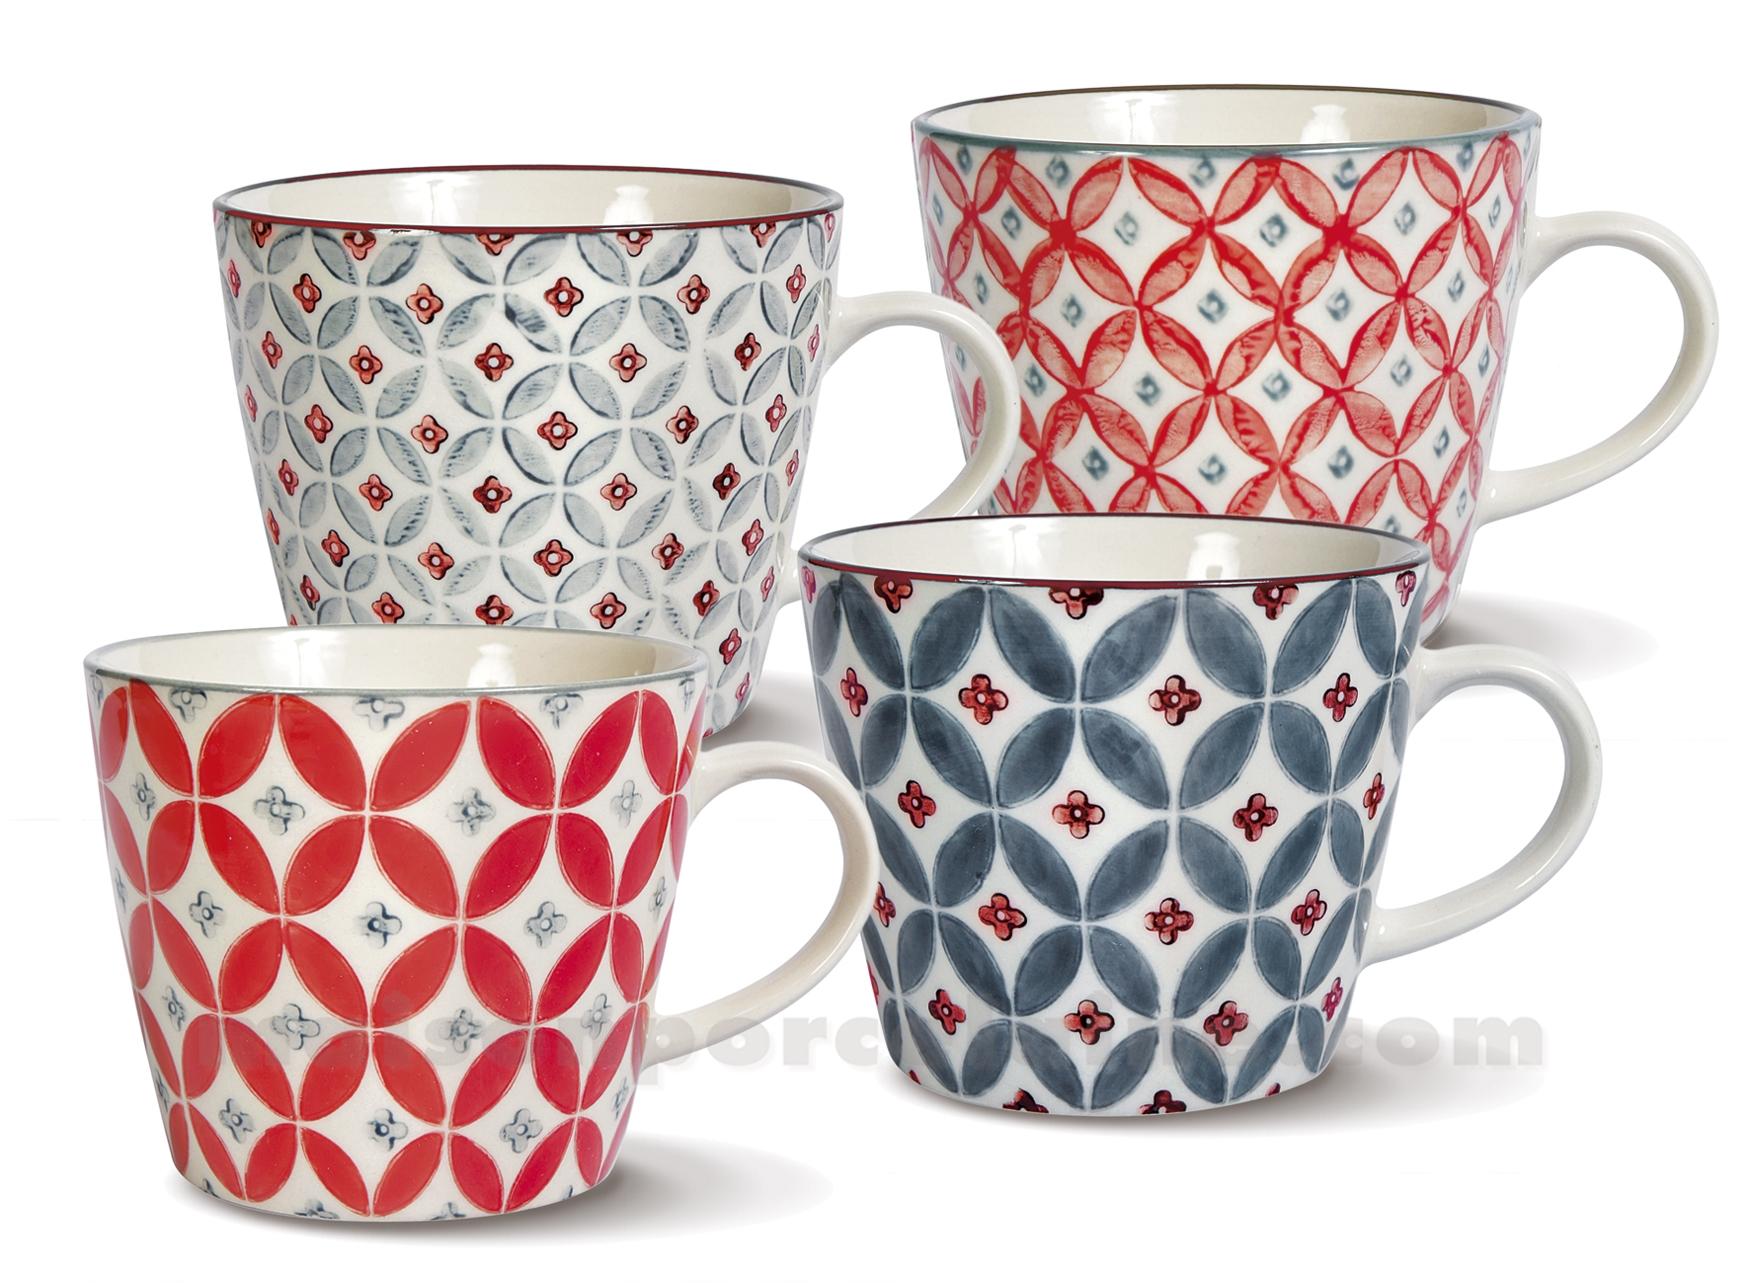 tasse ceramique st ouen set de 4 assorties maison de la porcelaine. Black Bedroom Furniture Sets. Home Design Ideas